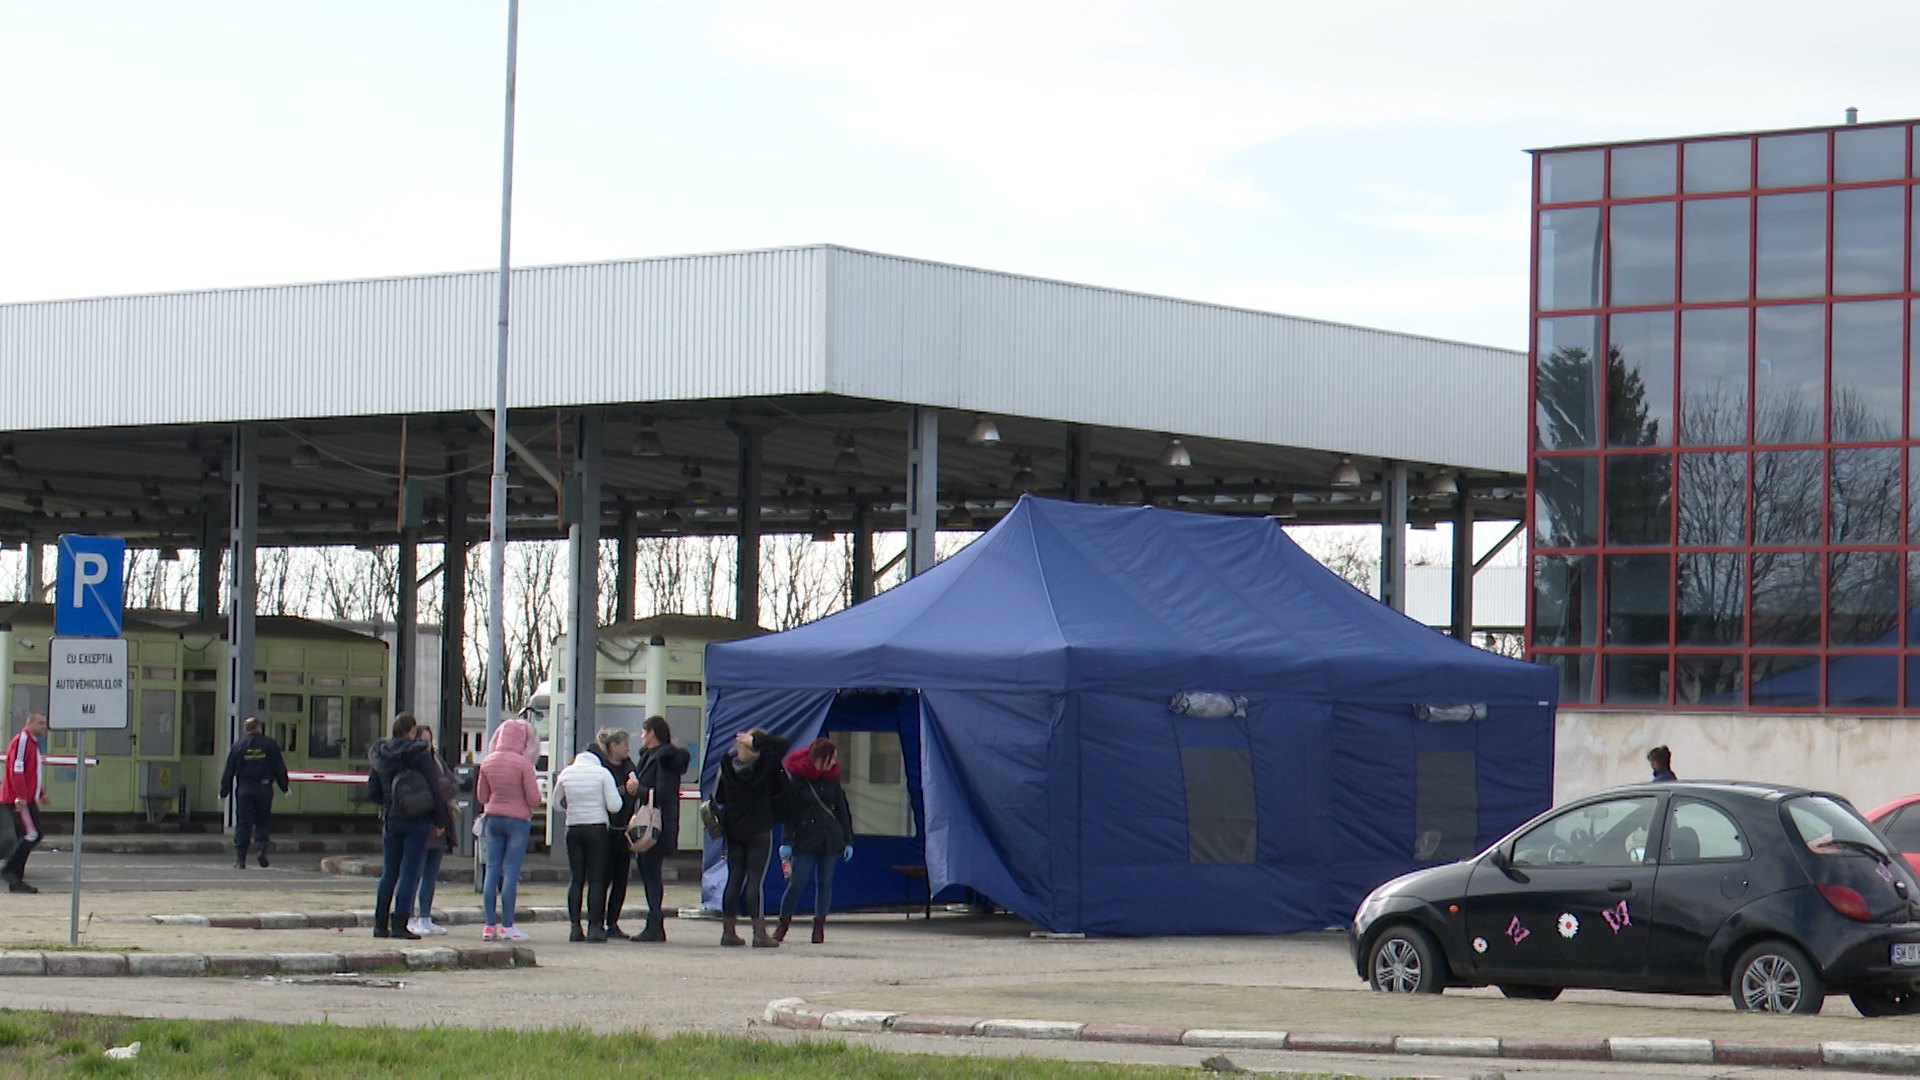 Încă 300 de persoane din Diaspora au intrat în România pe la Petea